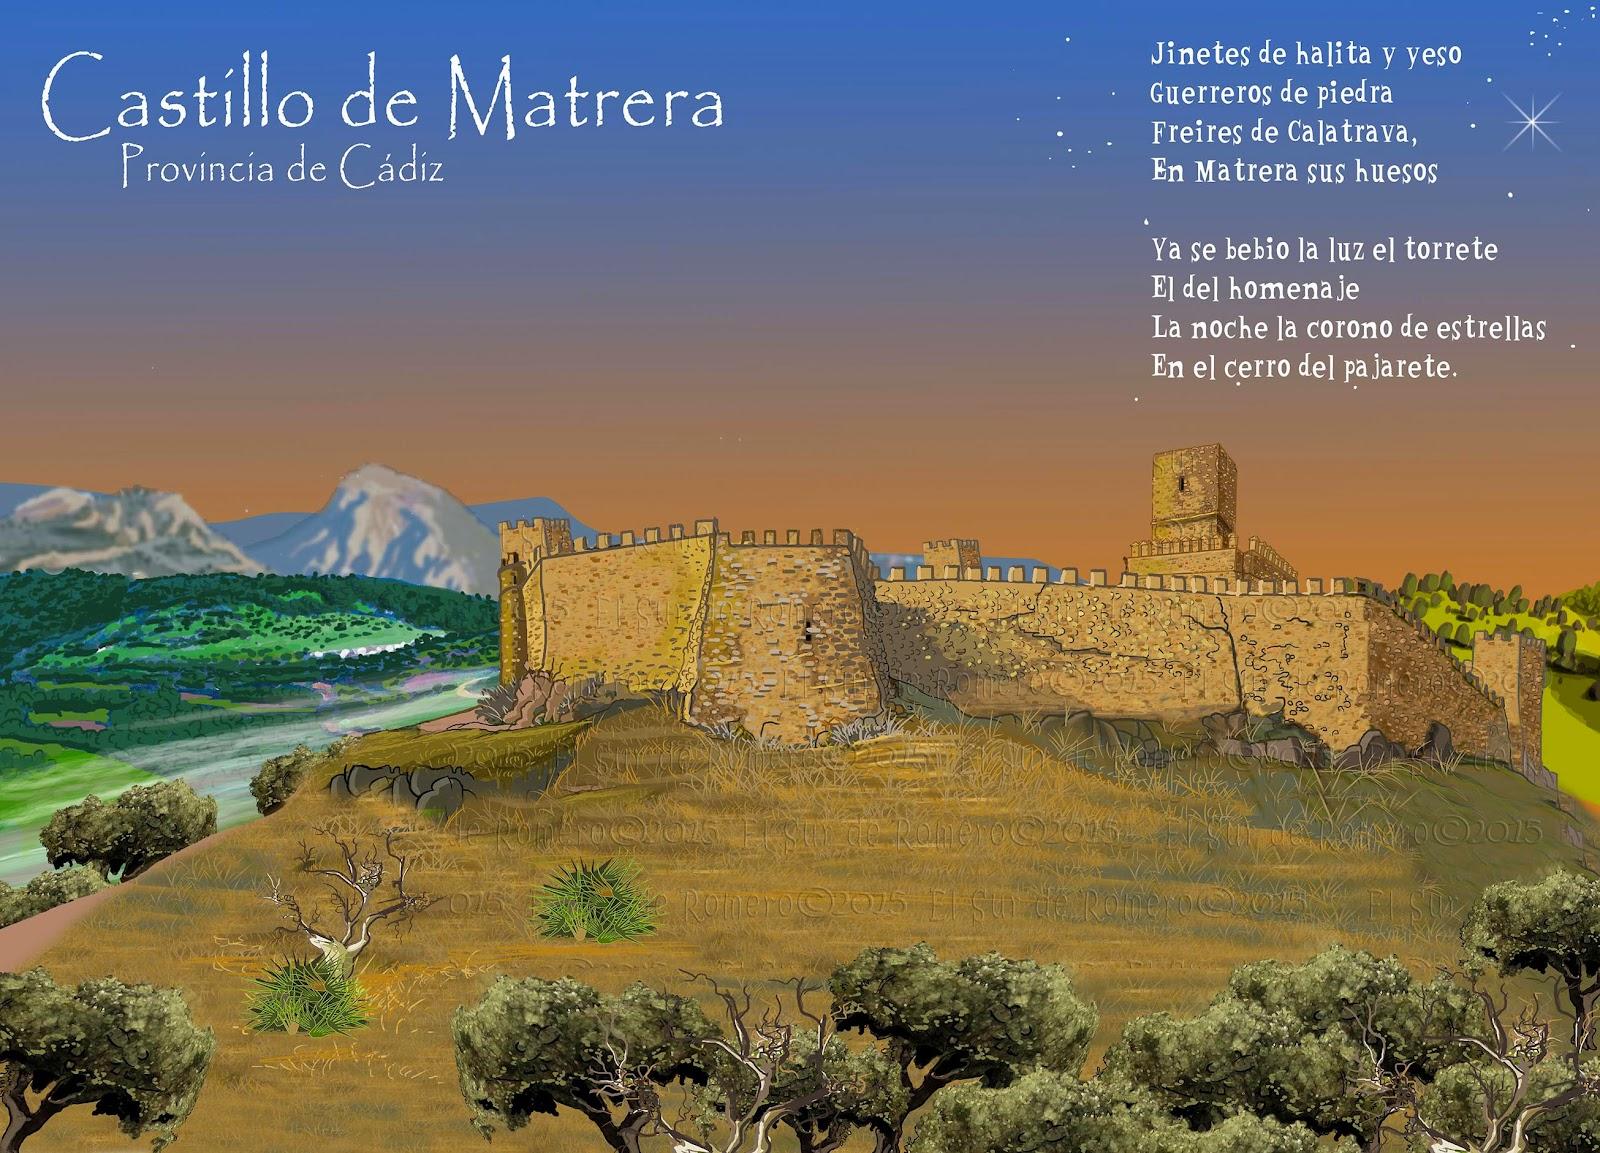 """<img src=""""Castillo de Matrera.jpg"""" alt=""""Castillos de Cádiz en dibujo""""/>"""